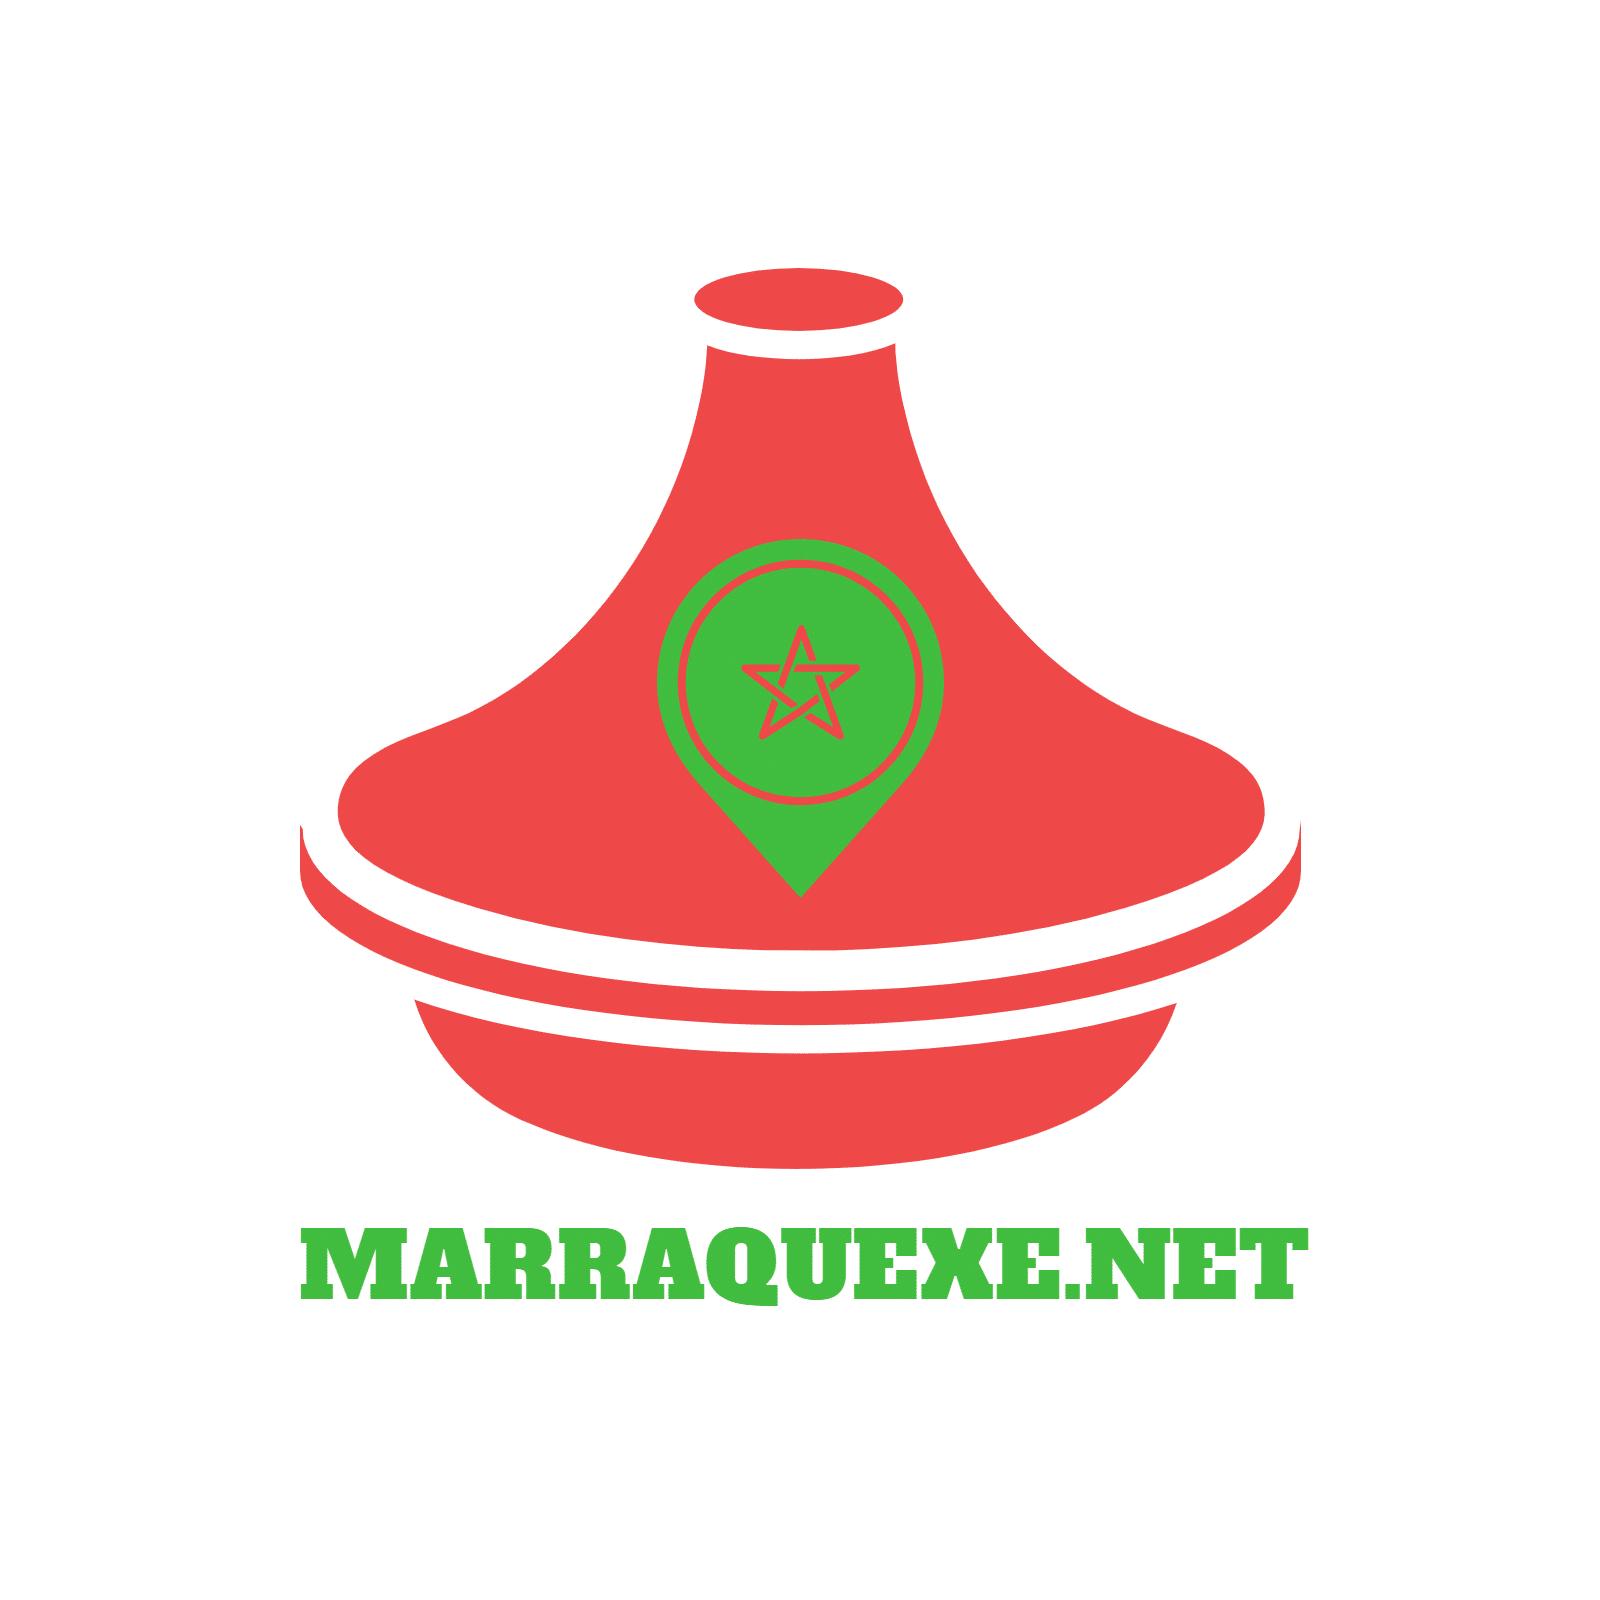 MARRAQUEXE